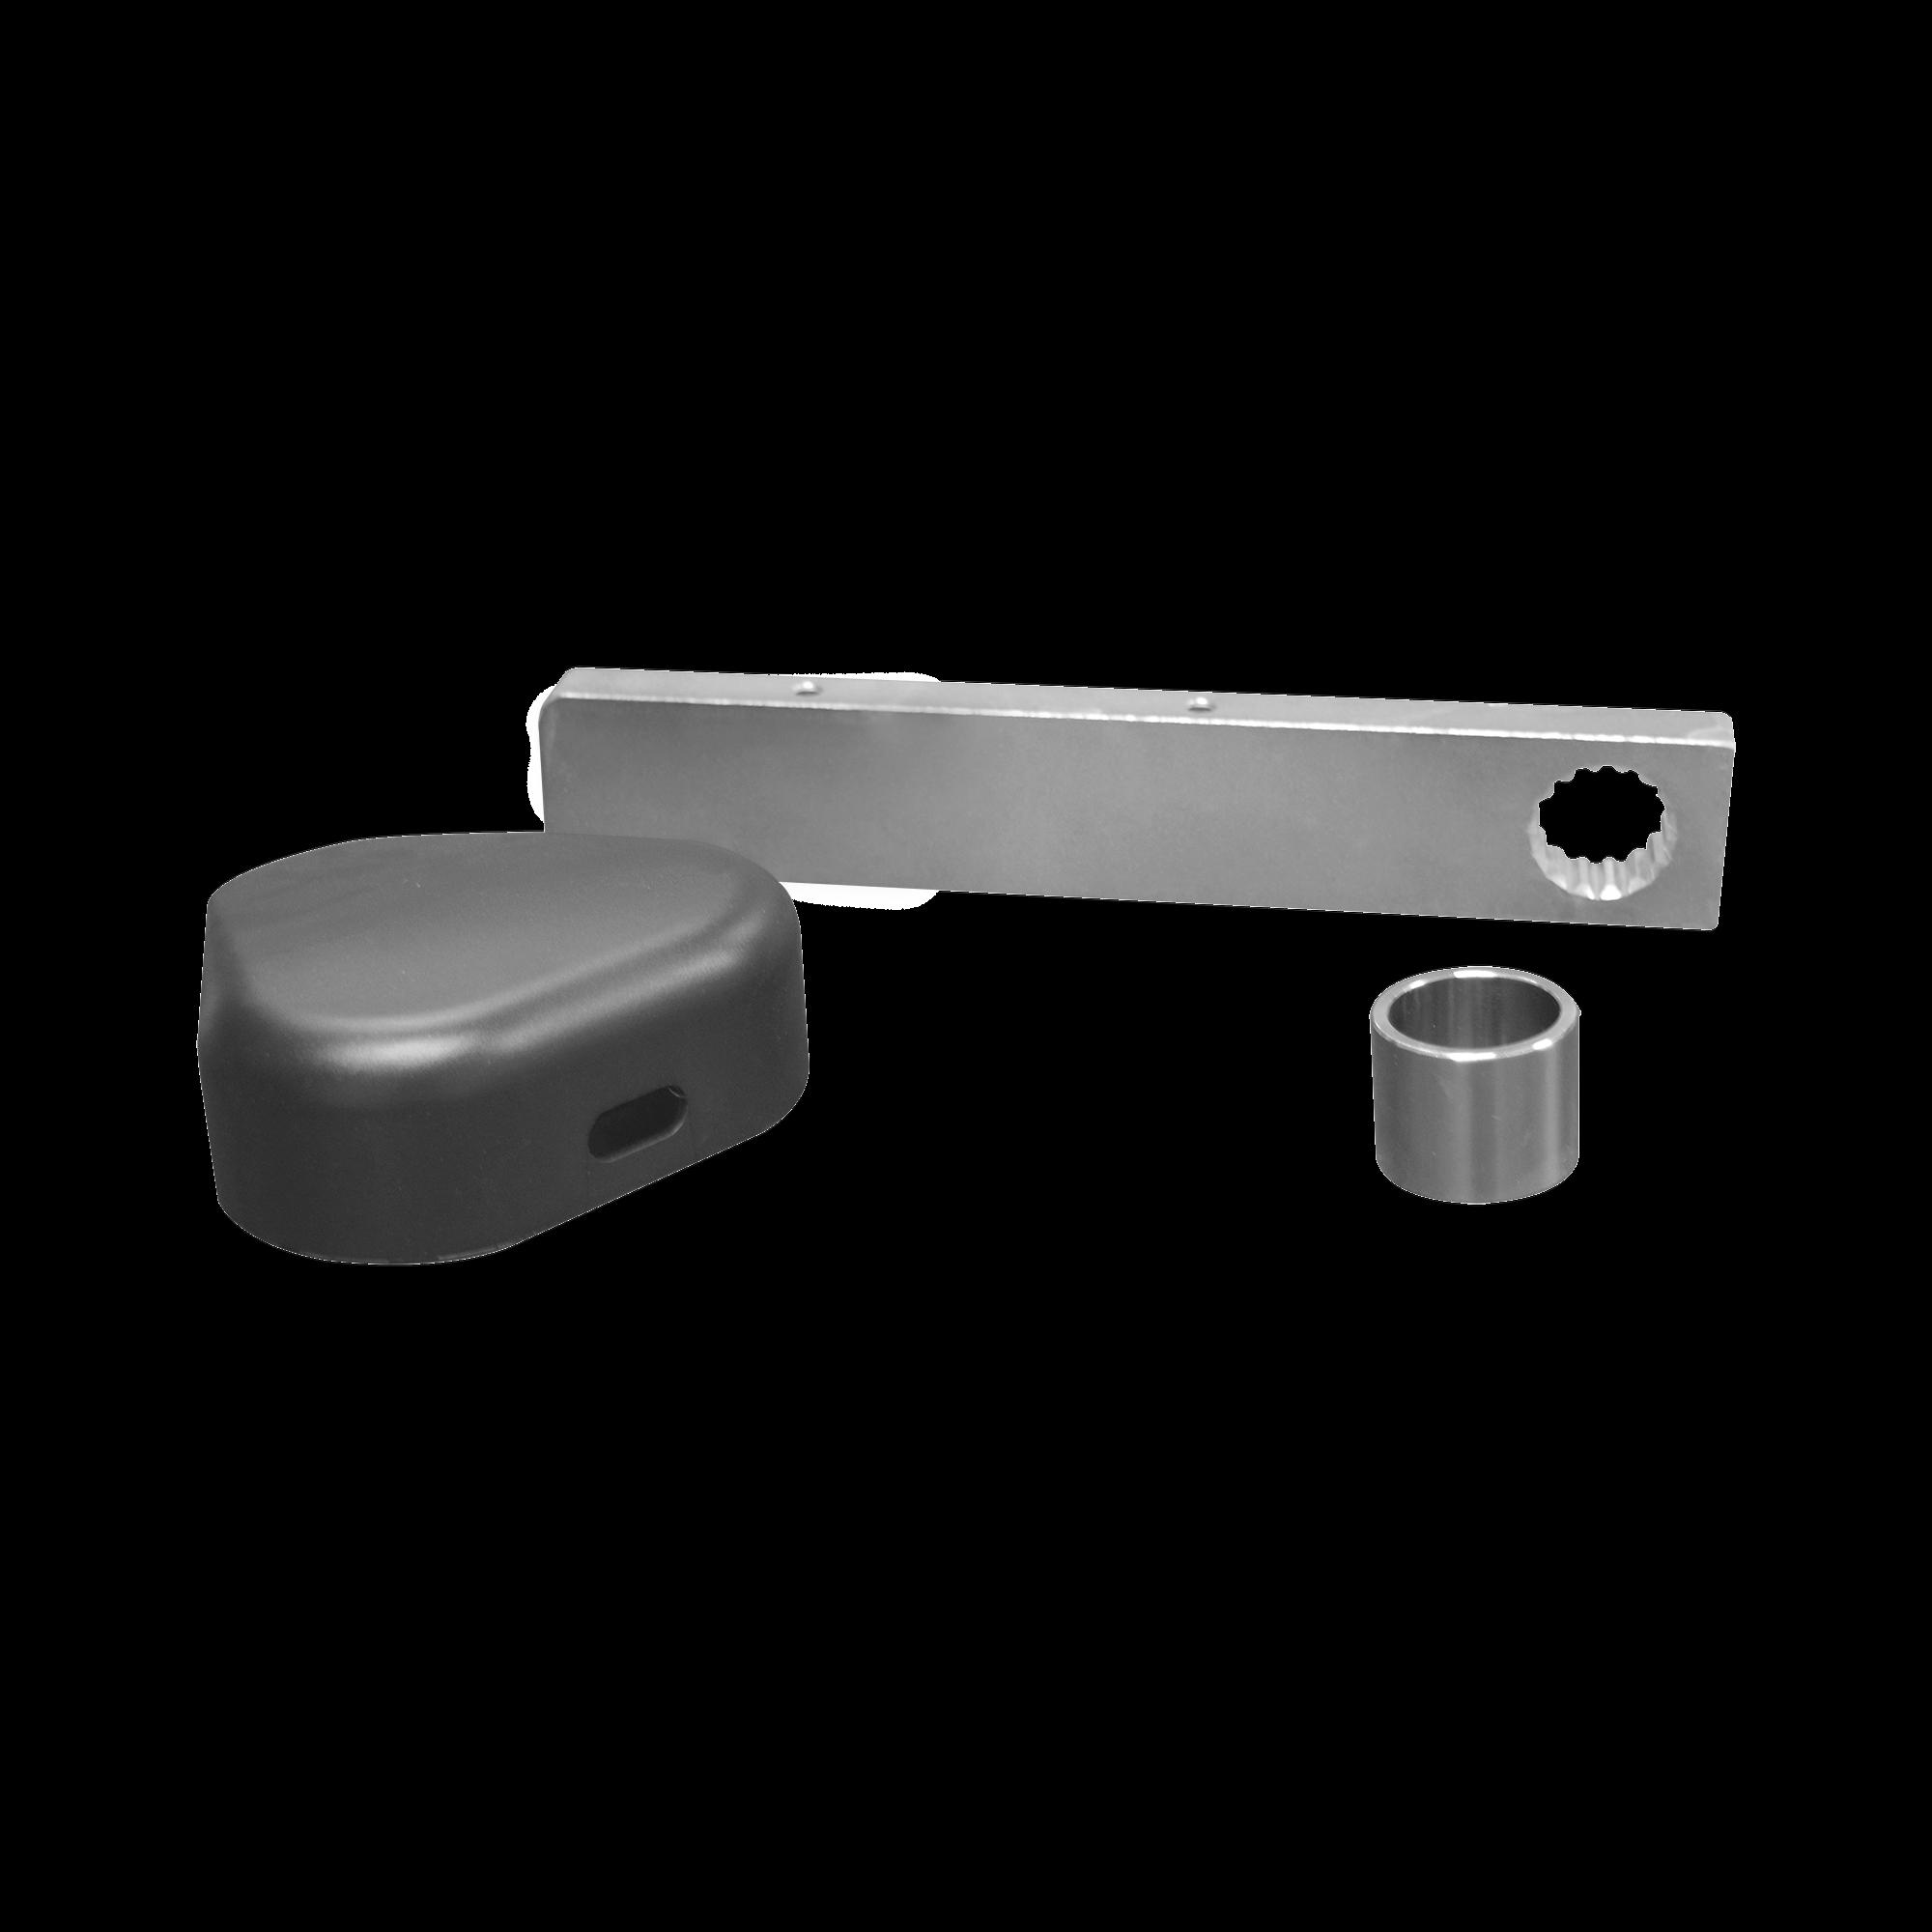 Enganche o Tasca para Brazo Rectangular de Barreras FAAC 620 y FAAC 615